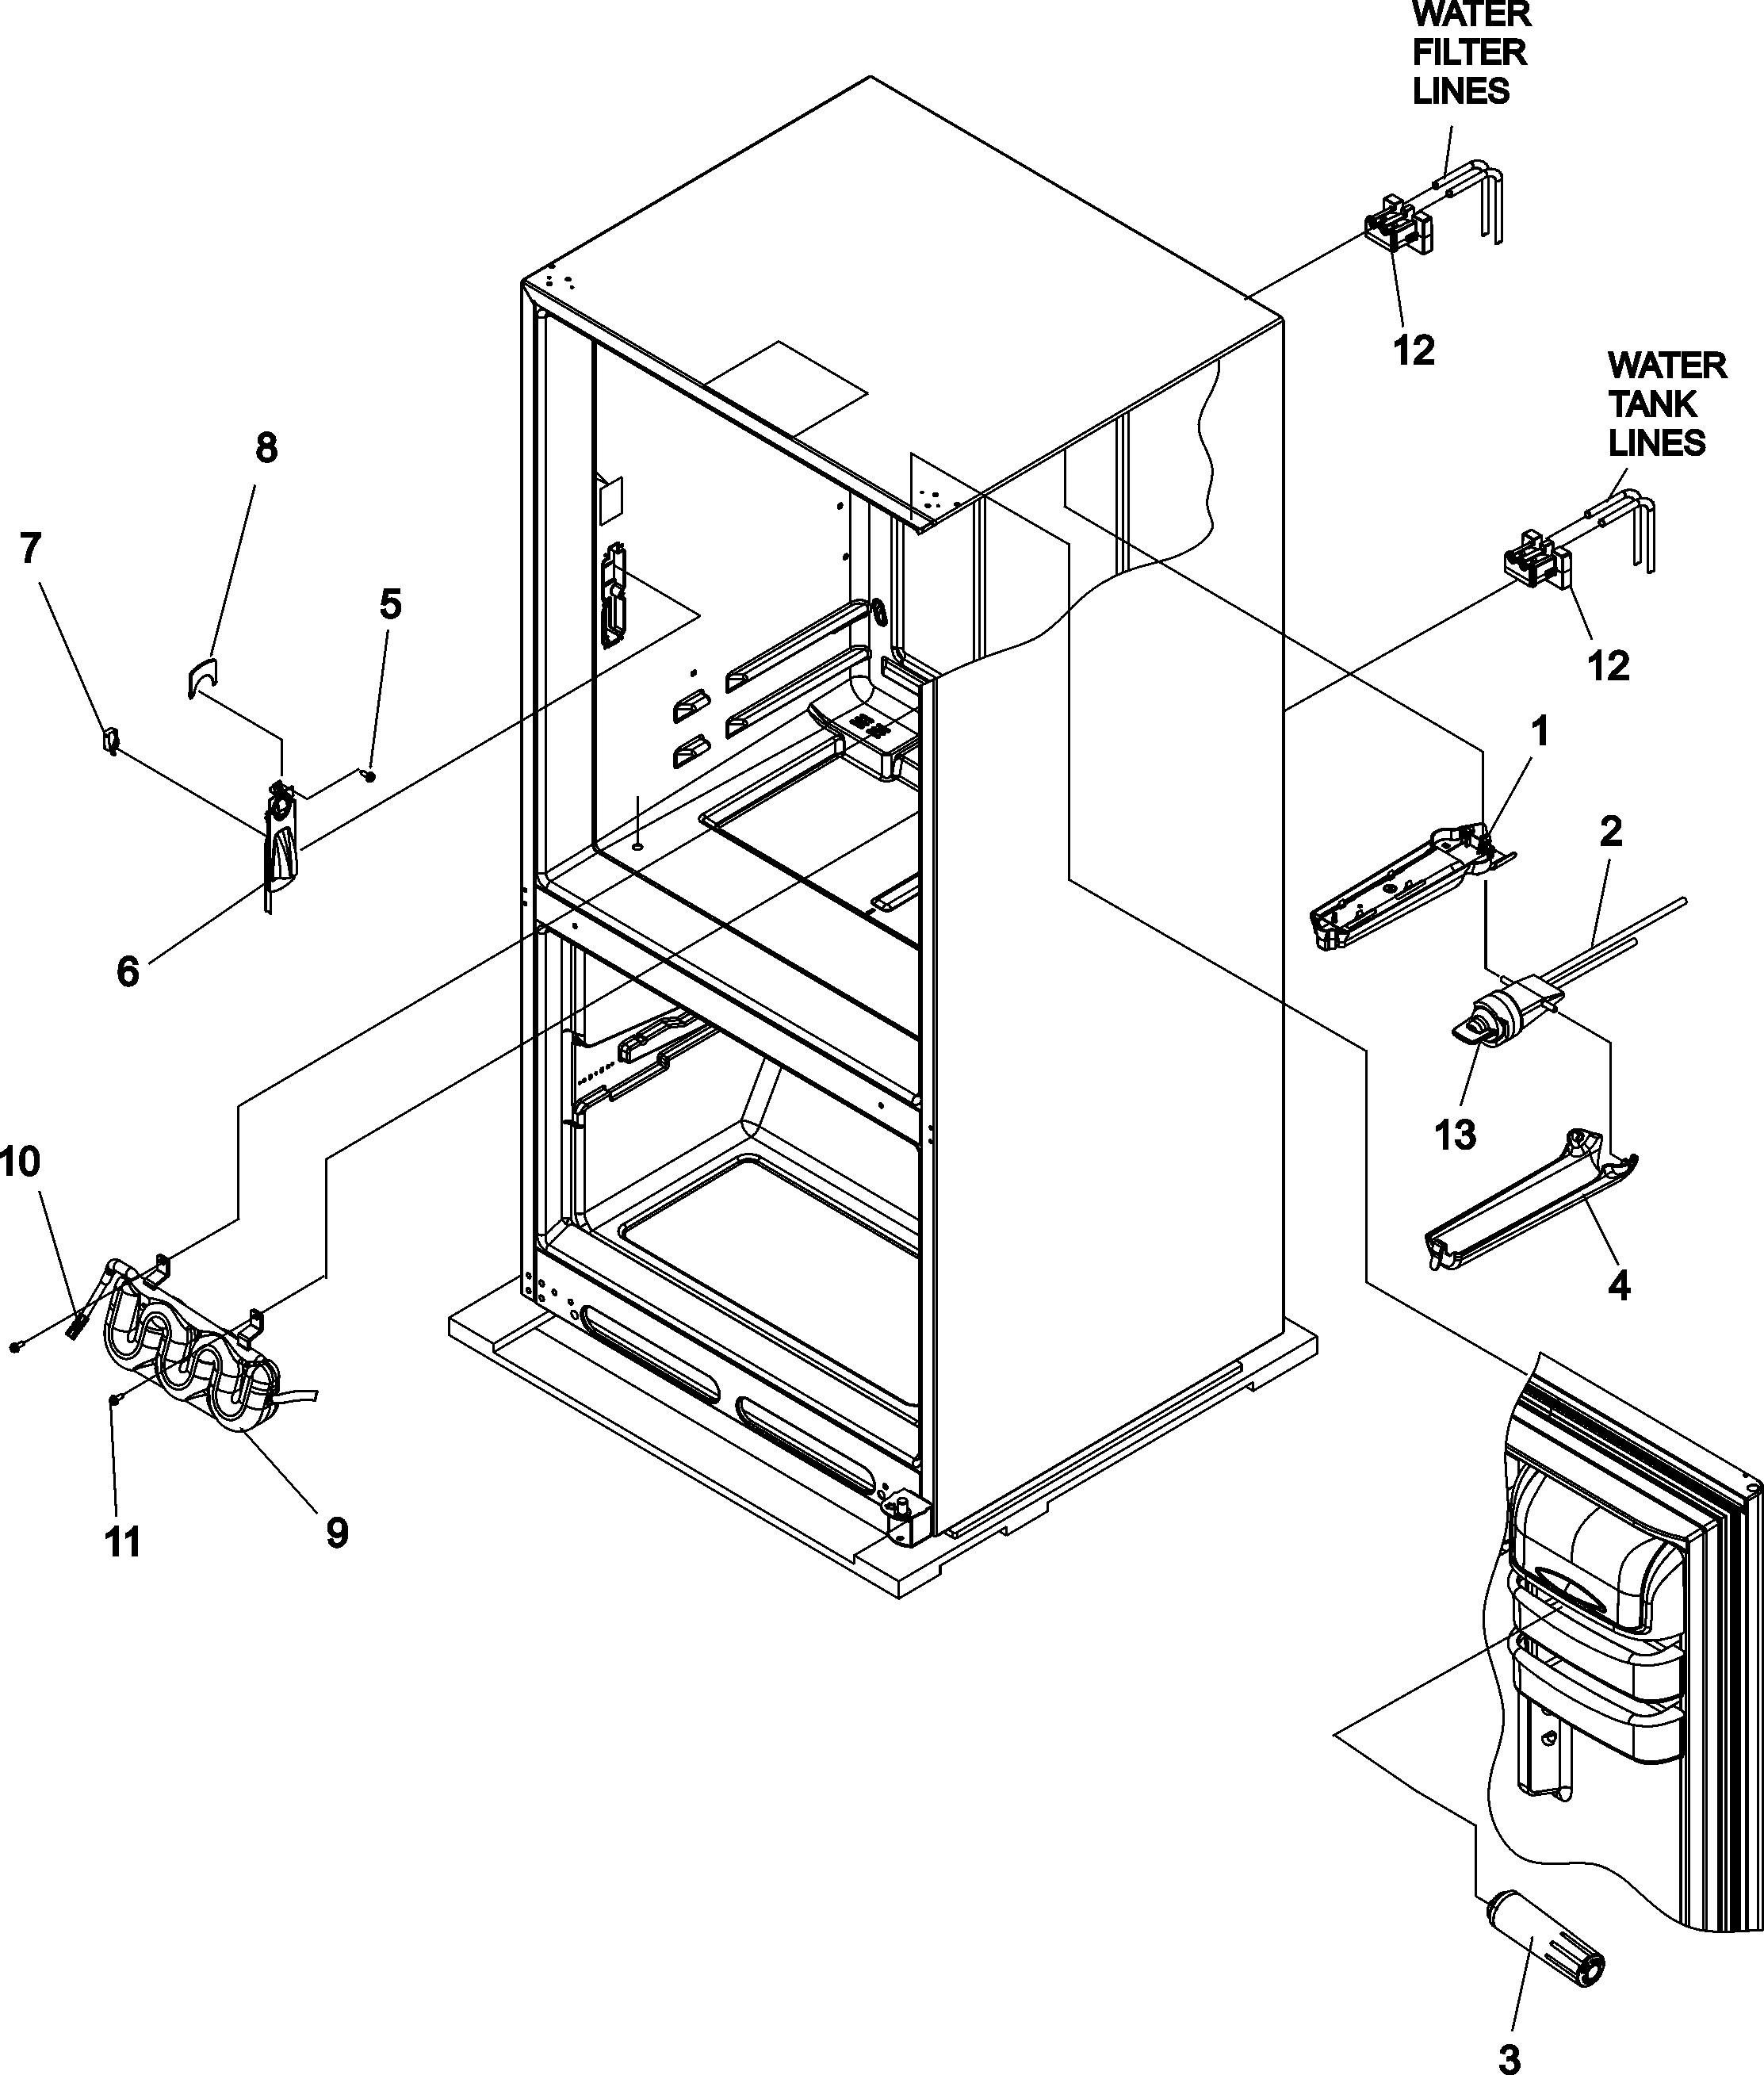 Haier Refrigerator Parts Diagram Wiring Dryer Wine Cooler